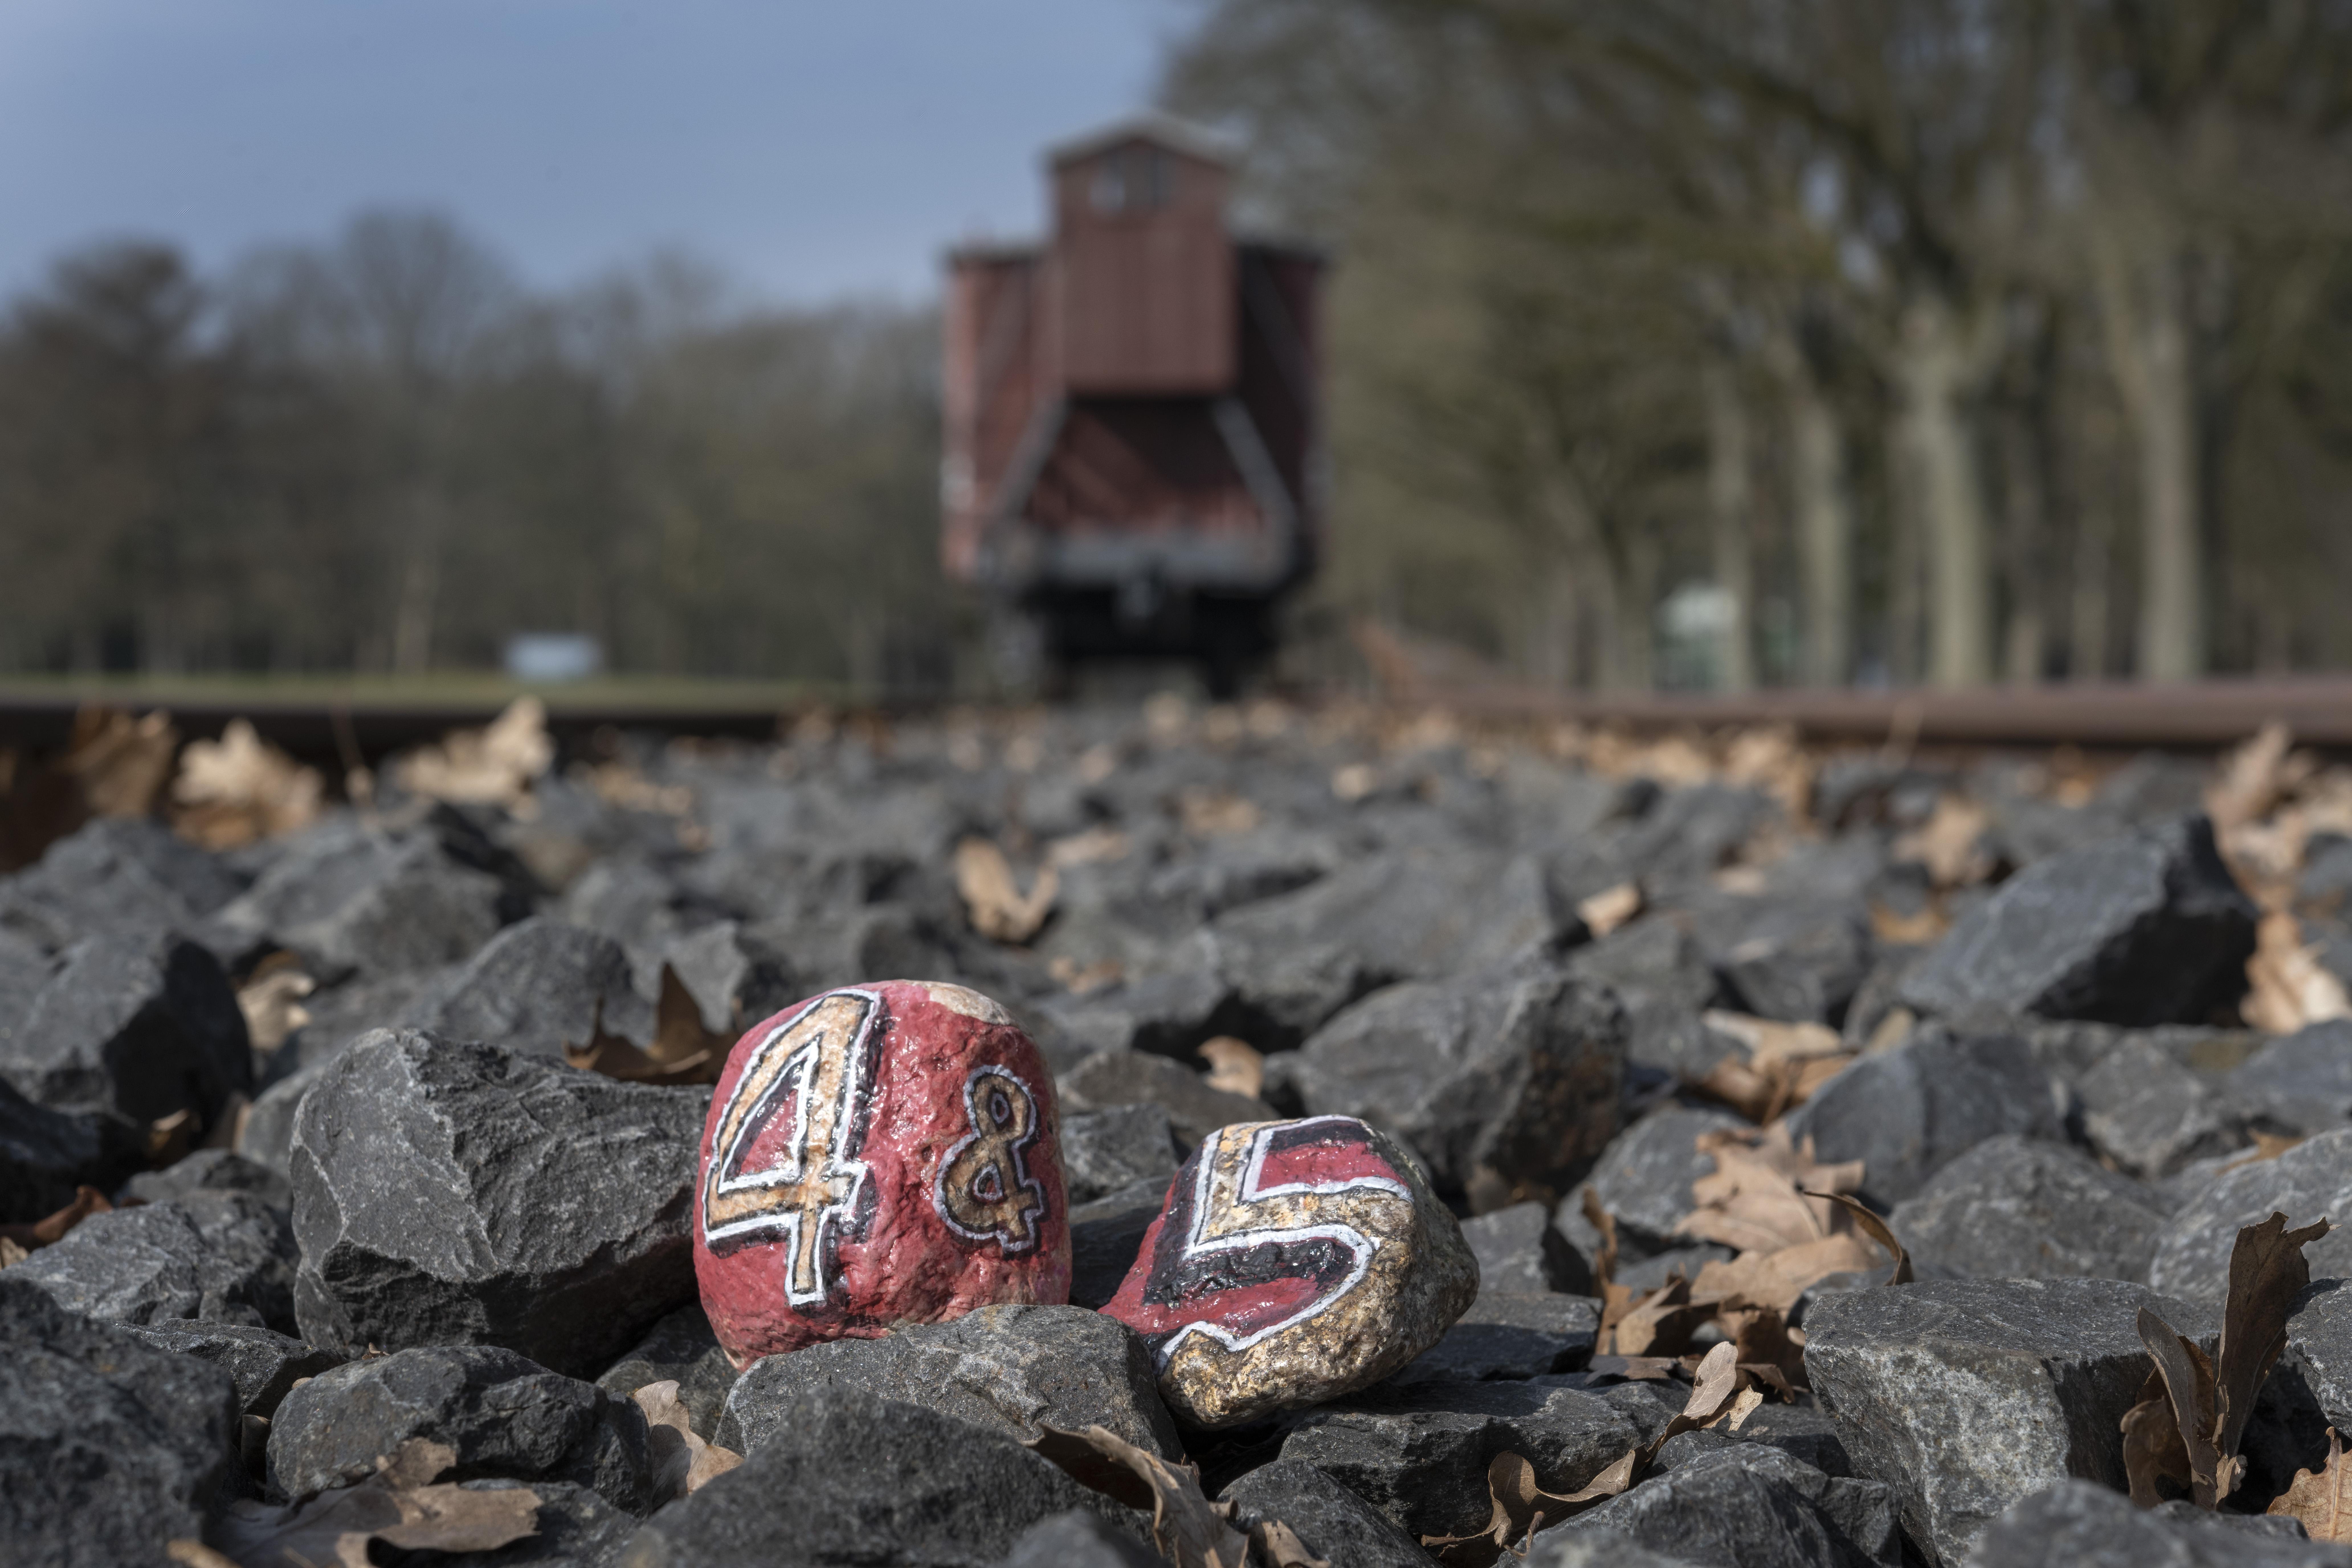 Thuis herdenken met het Herinneringscentrum Kamp Westerbork